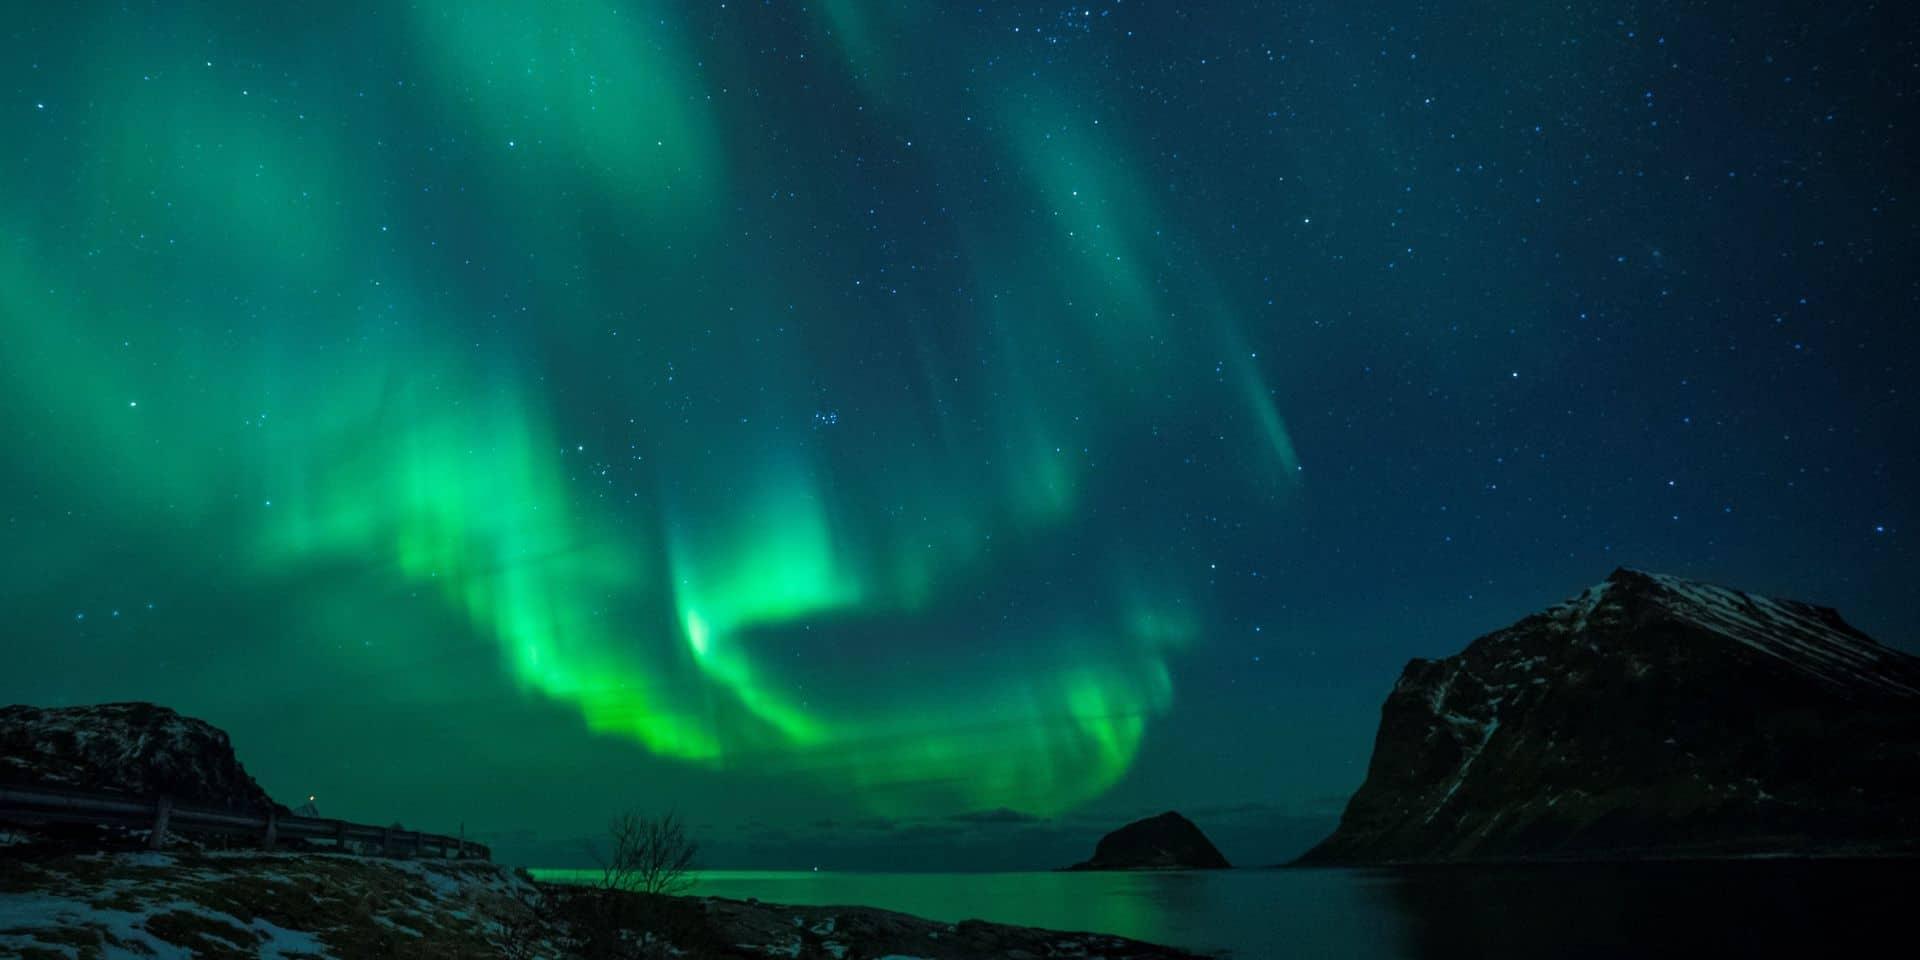 """Des aurores boréales observées aux Pays-Bas: """"Il y a de fortes chances pour que le phénomène se multiplie"""" (PHOTOS)"""